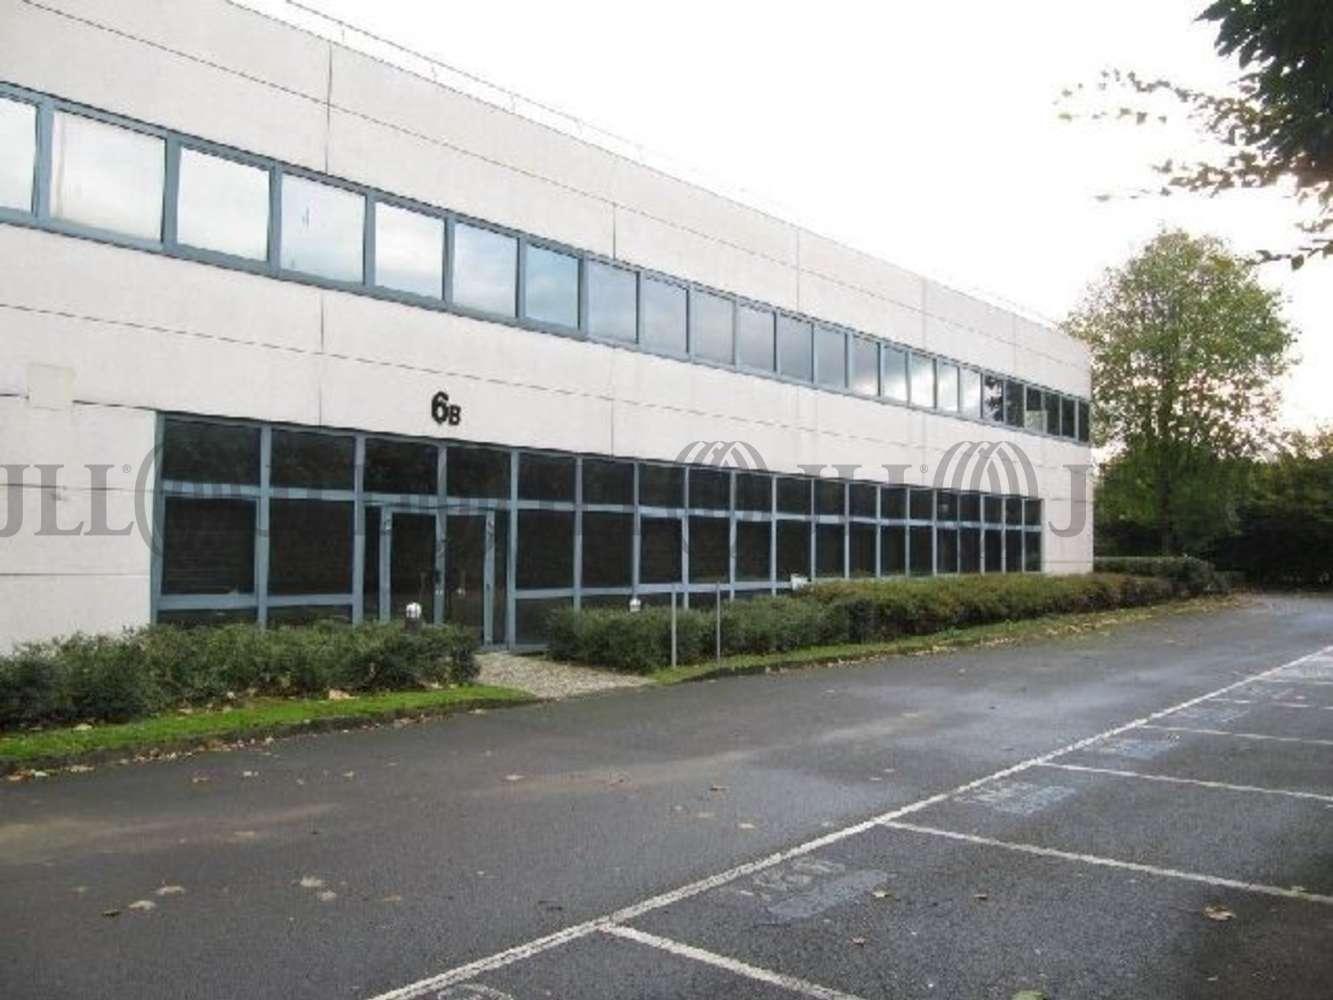 Activités/entrepôt Roissy en france, 95700 - BUSINESS PARC - BAT 6